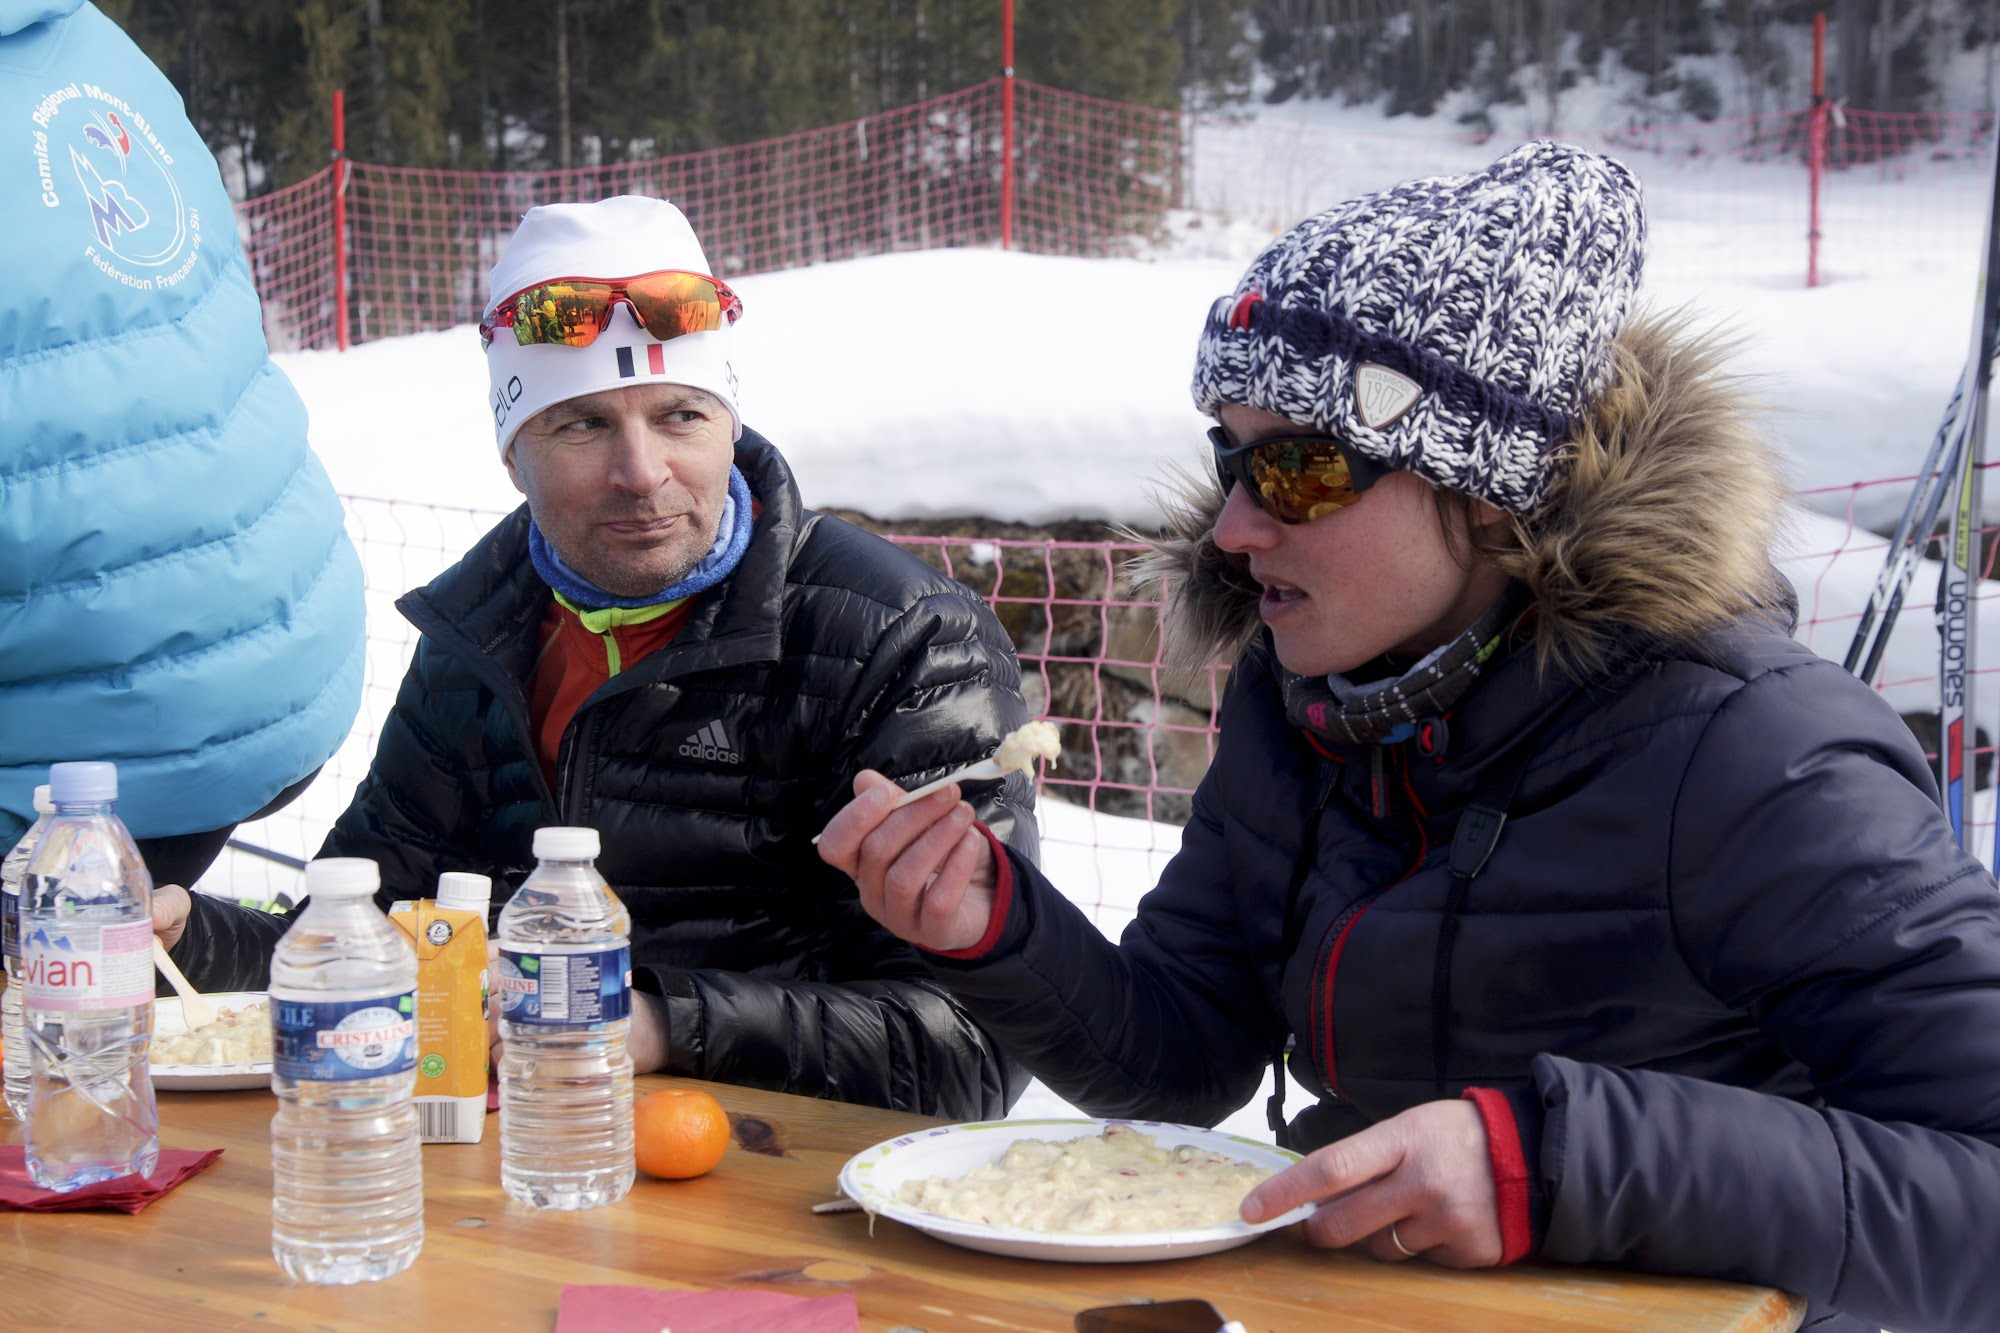 180224-BiathlonImpulse-Contamines-027